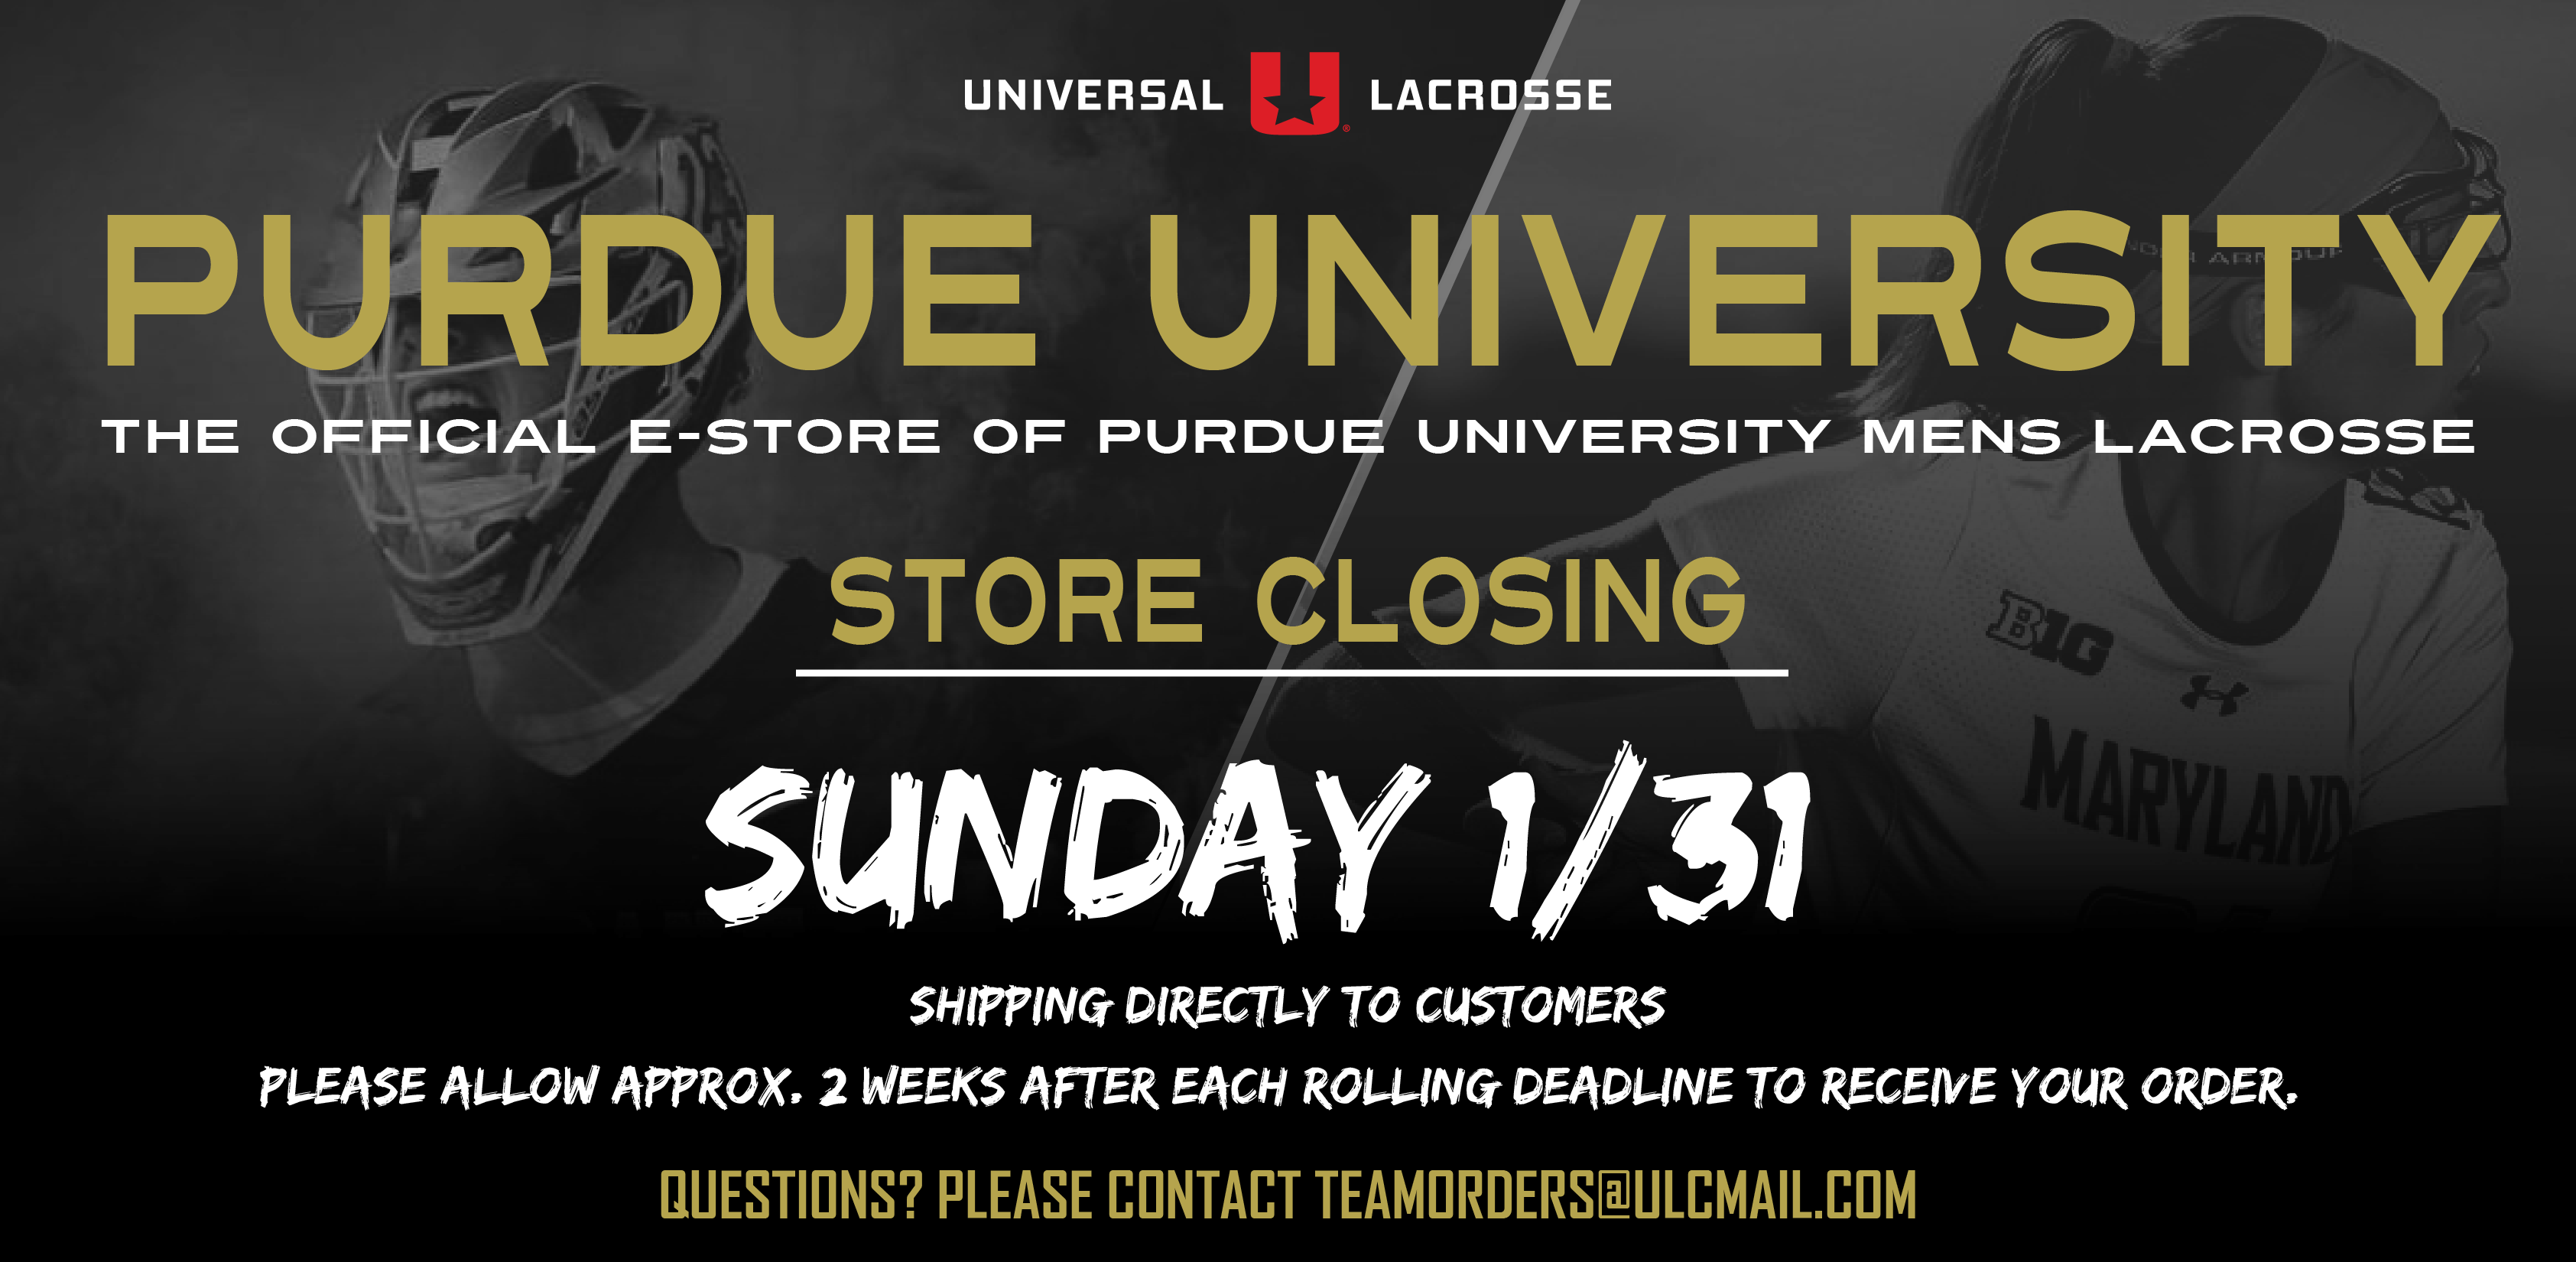 Purdue University Mens Lacrosse